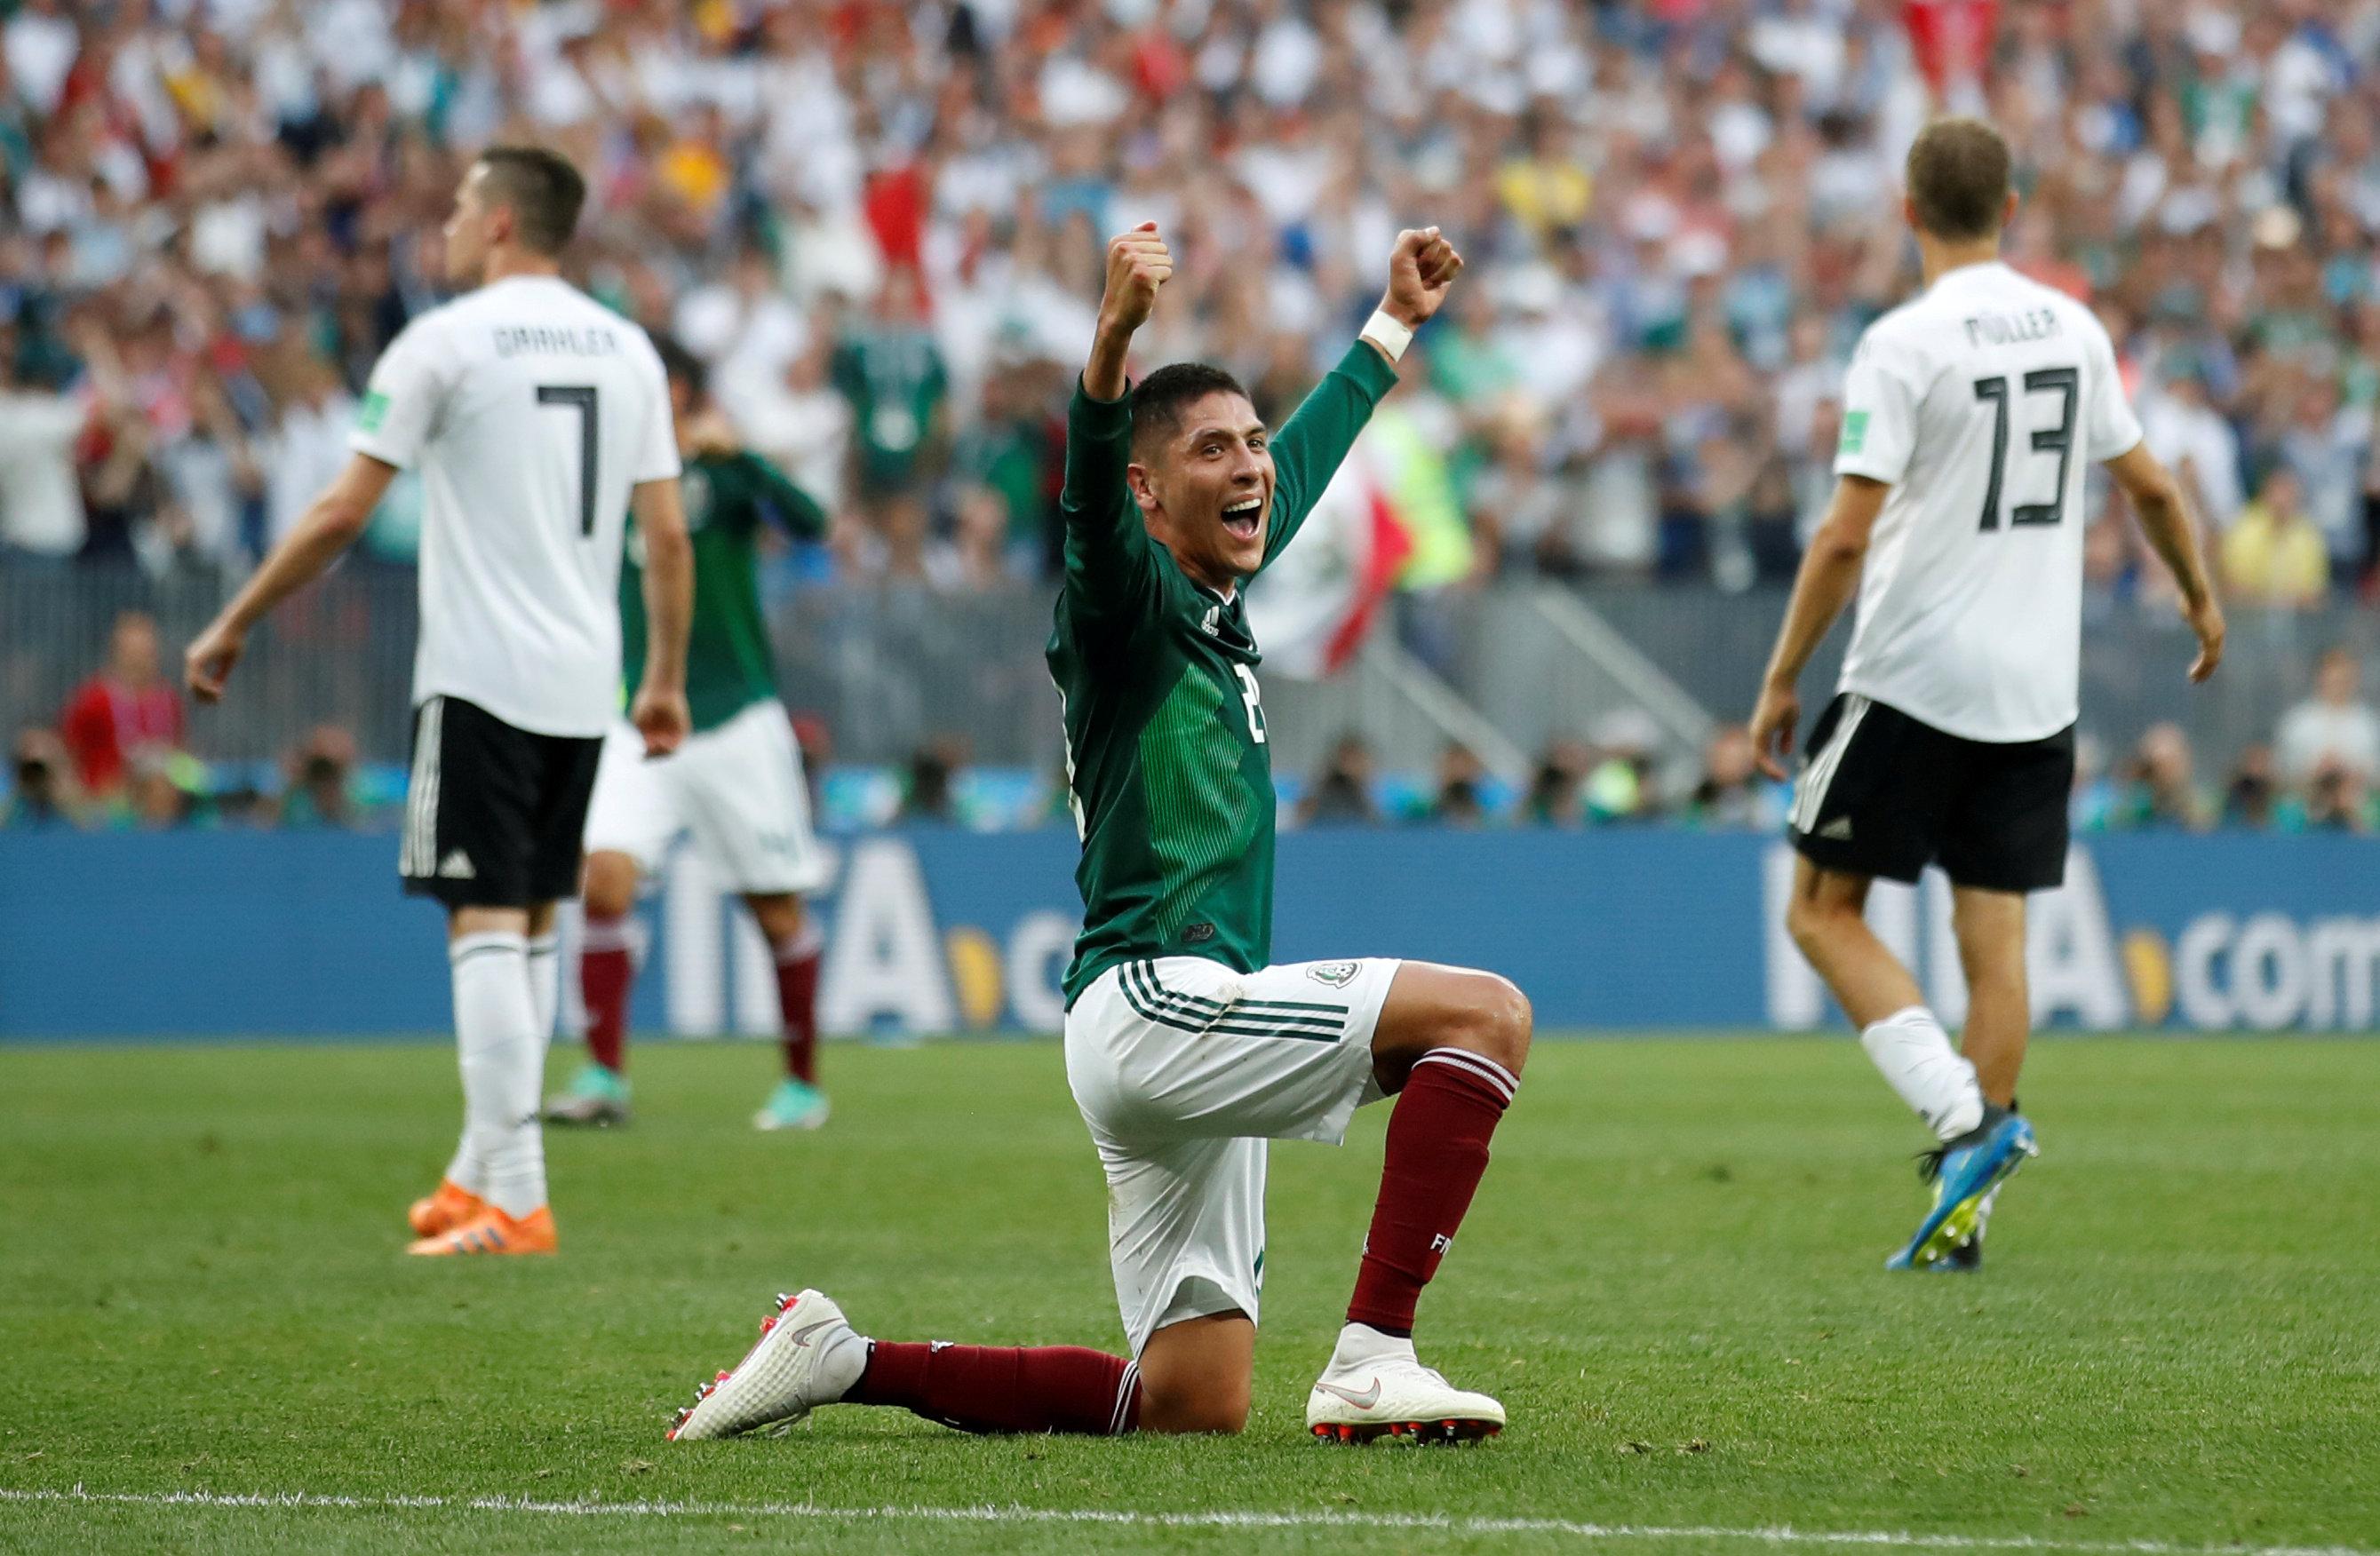 Football - Coupe du monde - Coupe du monde 2018 : Le Mexique crée la première sensation en battant l'Allemagne